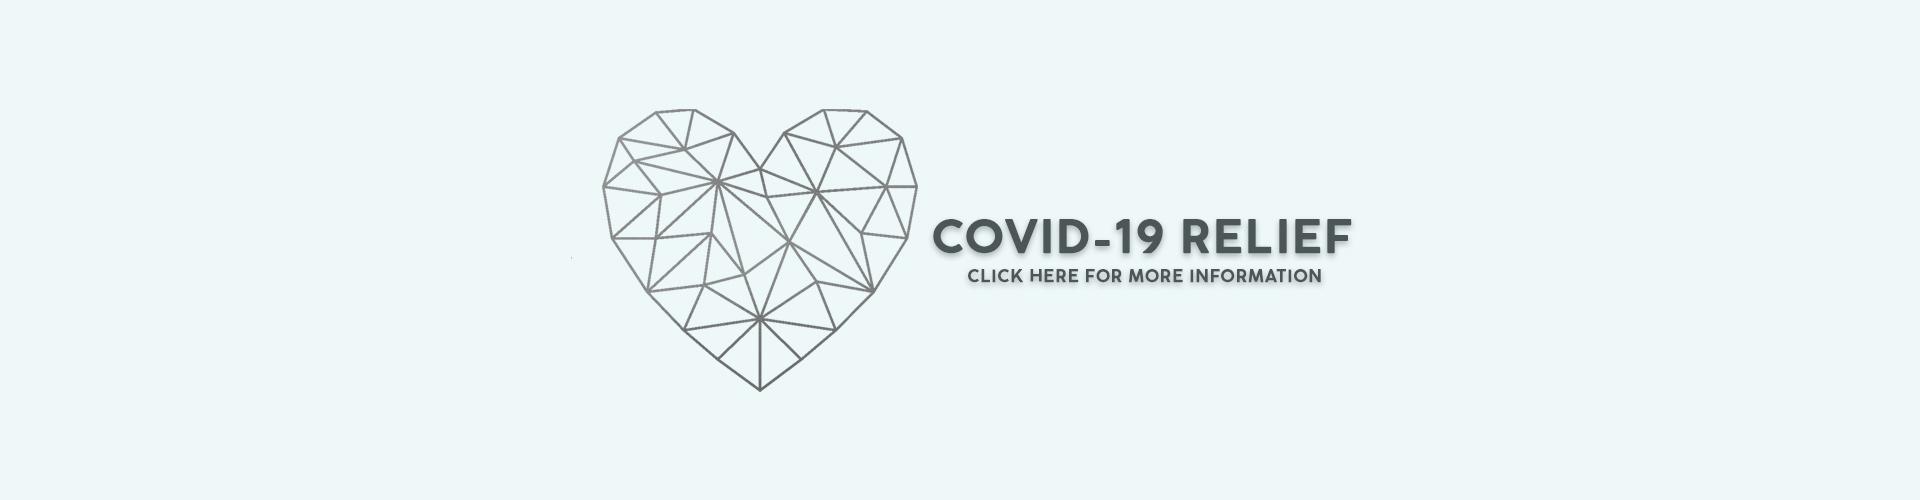 COVID Relief Fund web rotator 1920x500 acm ll.jpg